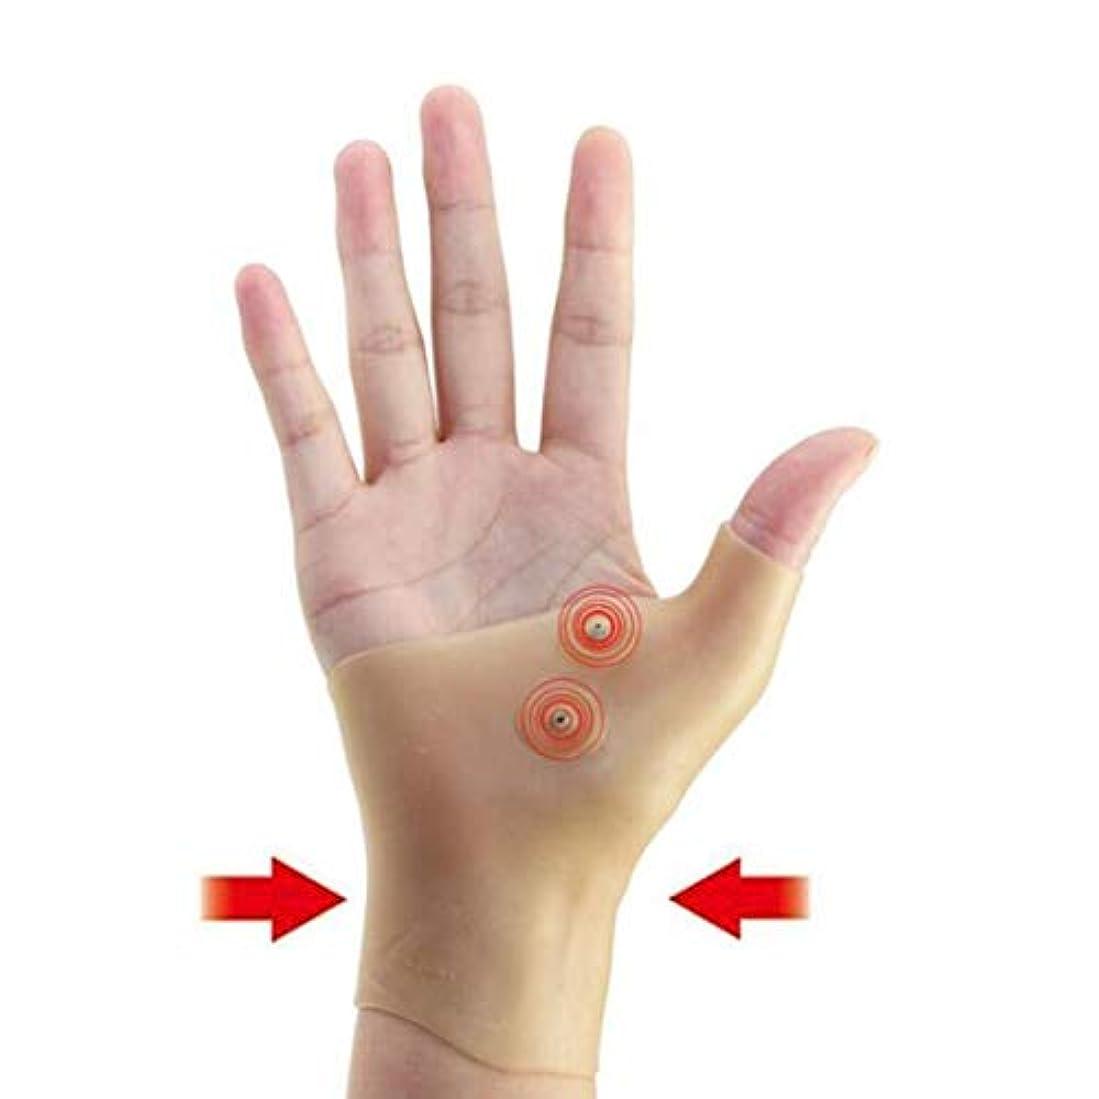 シガレット確かなスローガン磁気療法手首手親指サポート手袋シリコーンゲル関節炎圧力矯正器マッサージ痛み緩和手袋 - 肌の色